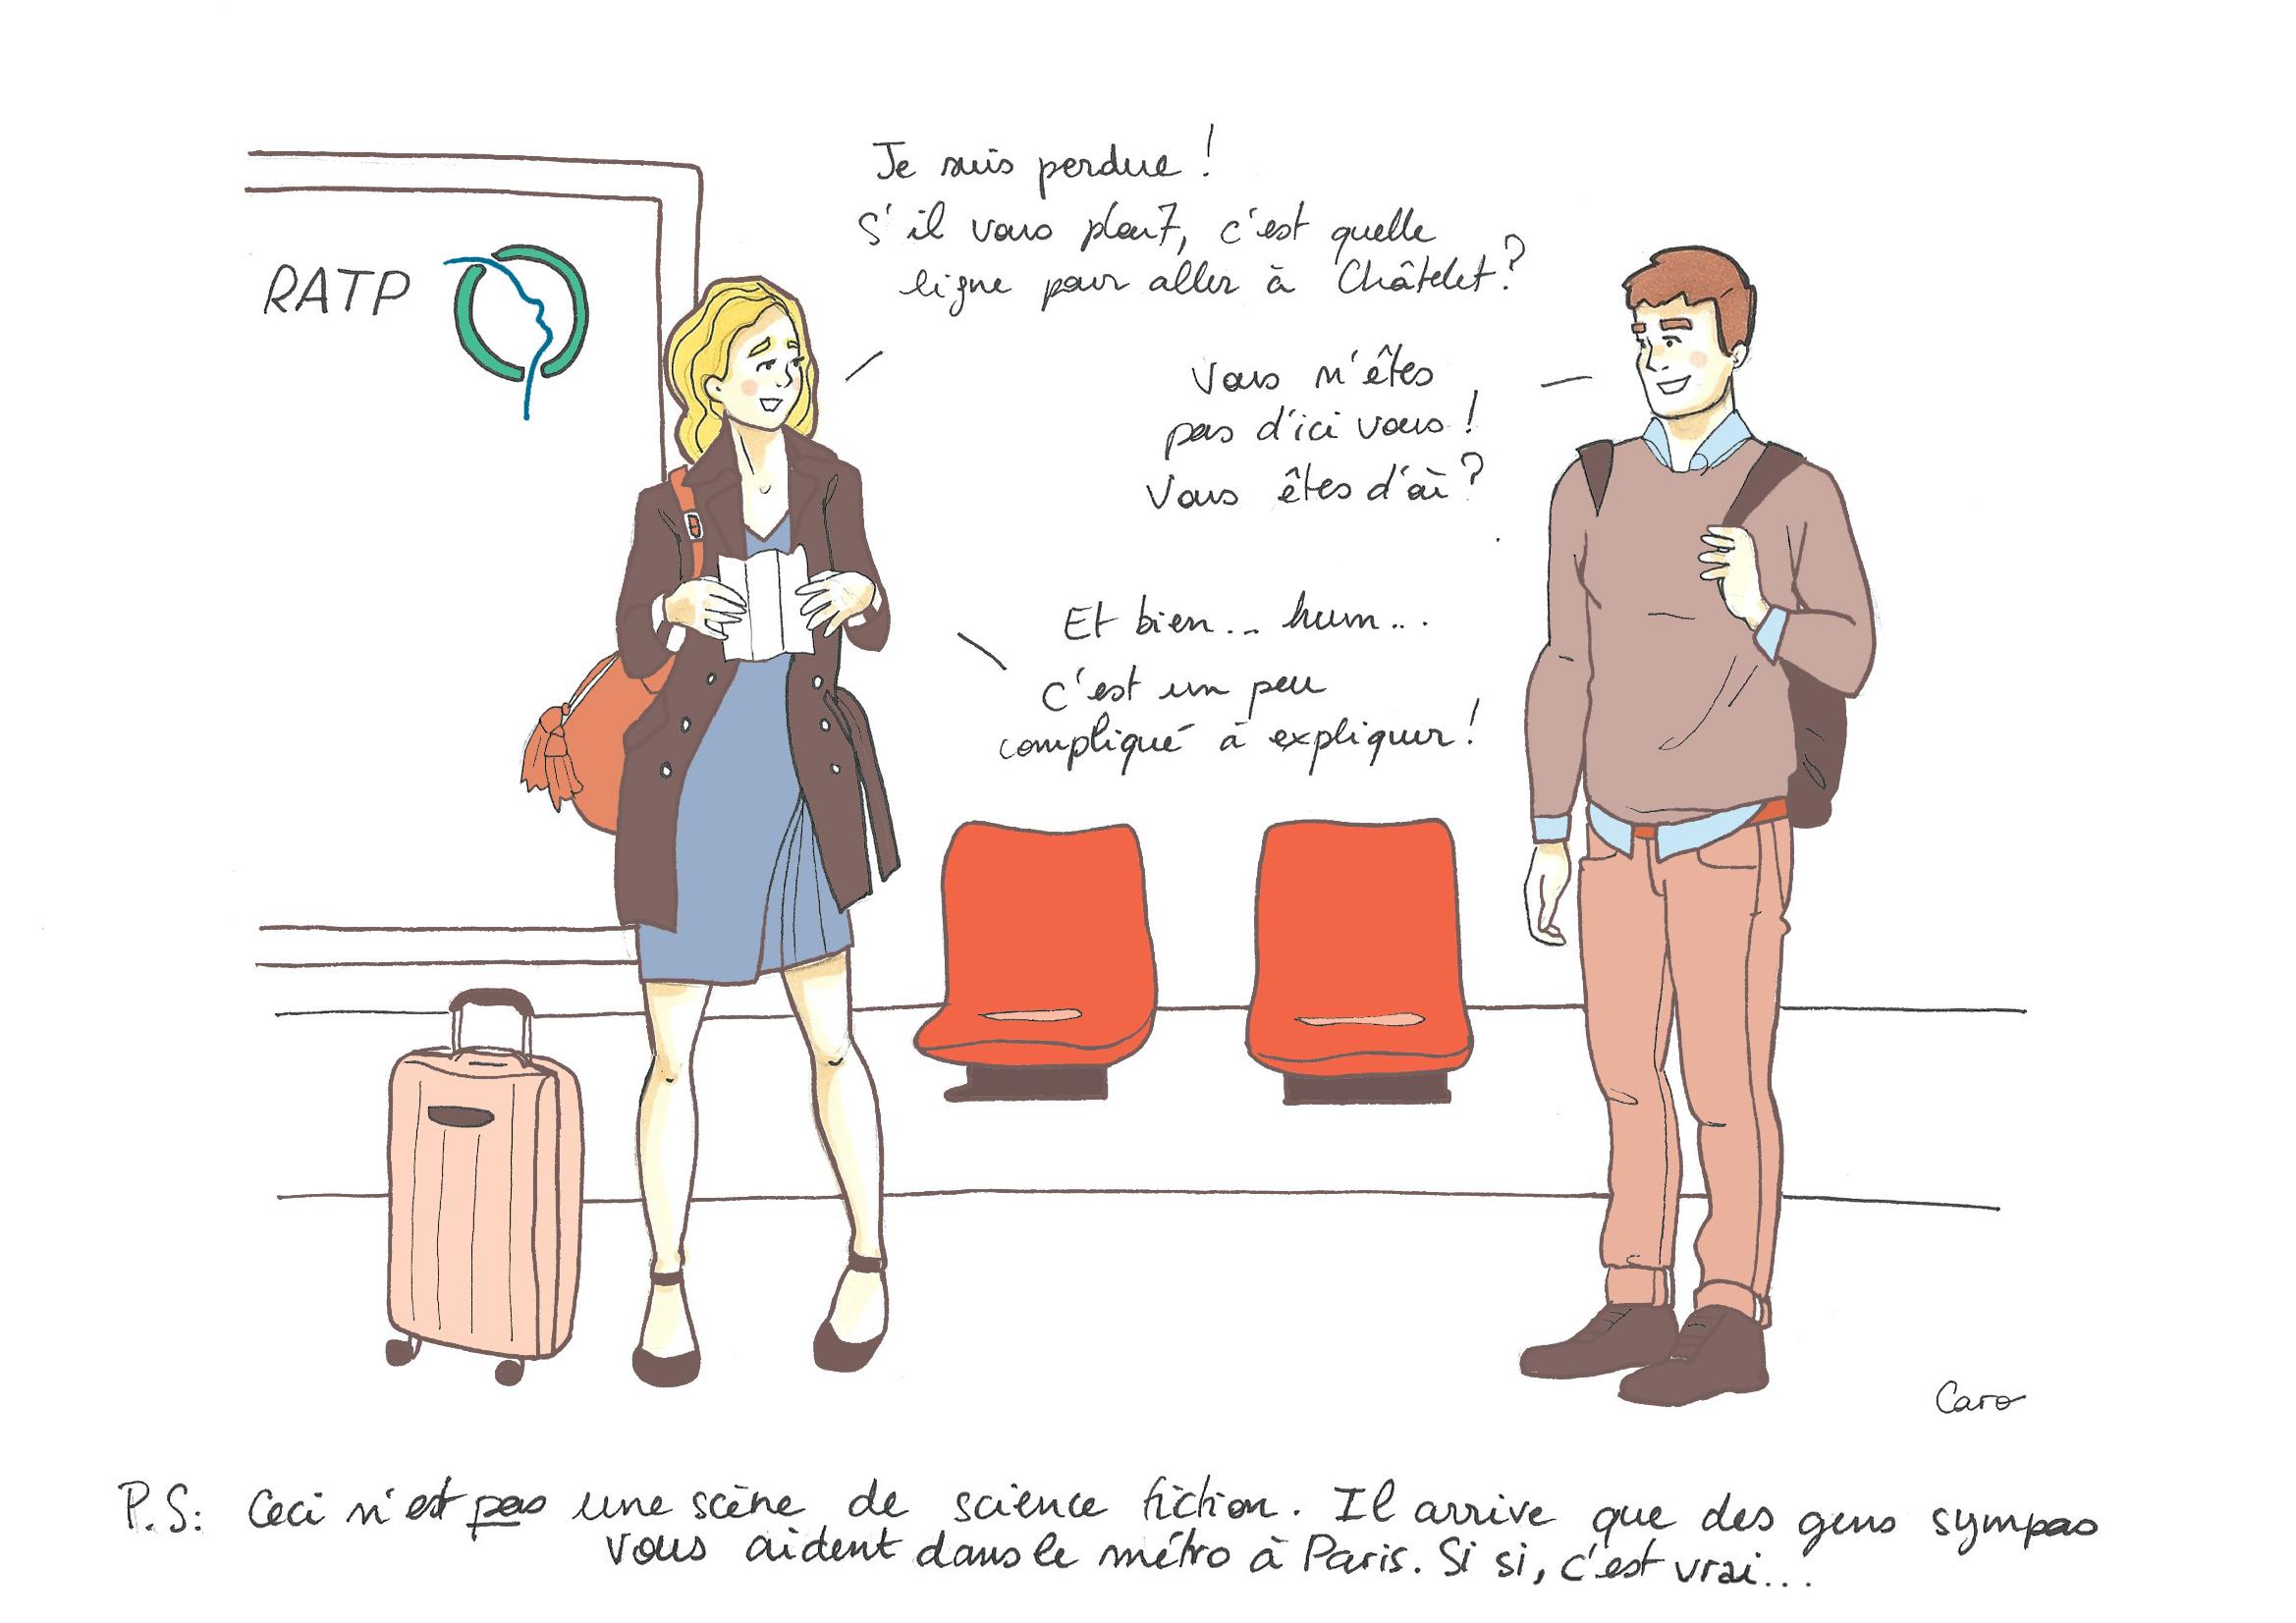 Retour d'expatriation : épisode 5 : explorations parisiennes